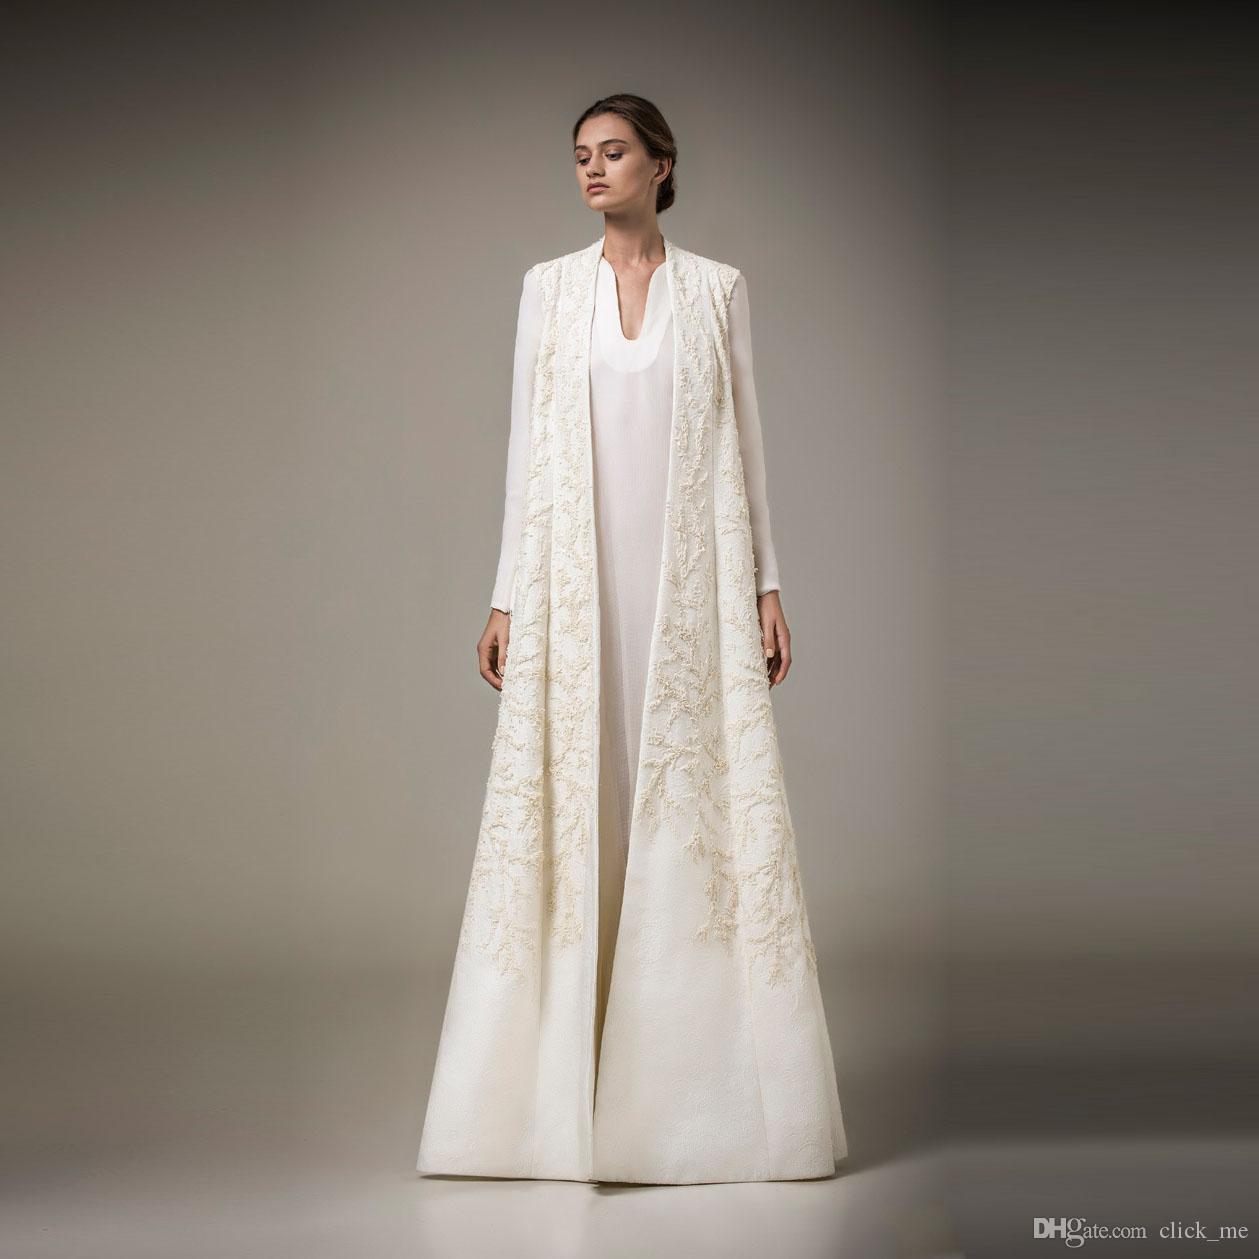 Großhandel Saudi Arabien Mutter Der Braut Kleider Mit Jacke / Jacken  Ambroidery Lange Ärmel Abendkleider Lange Satin Vestidos Elegante  Abendkleid Von